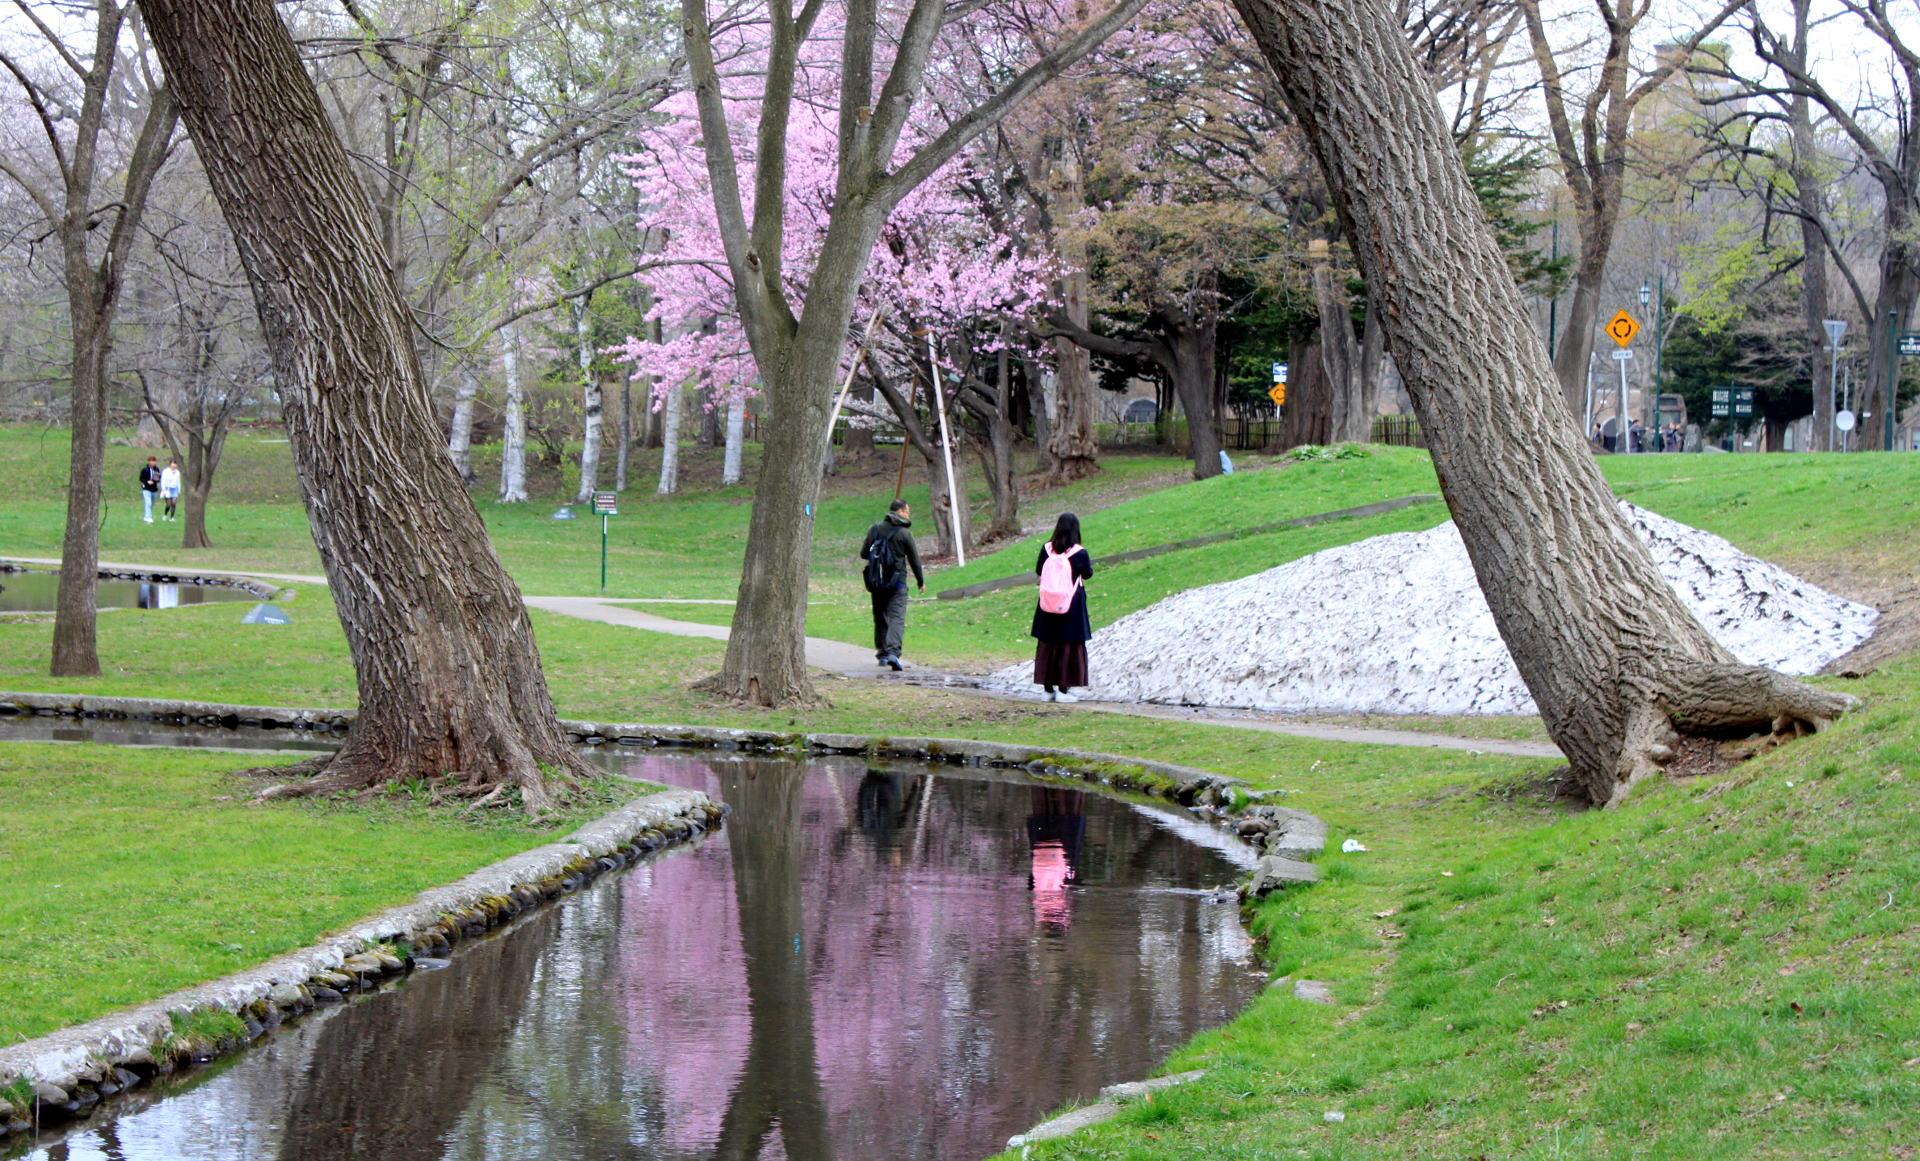 japonia hokkaido park snieg w maju kwitnaca wisnia iglawpodrozy